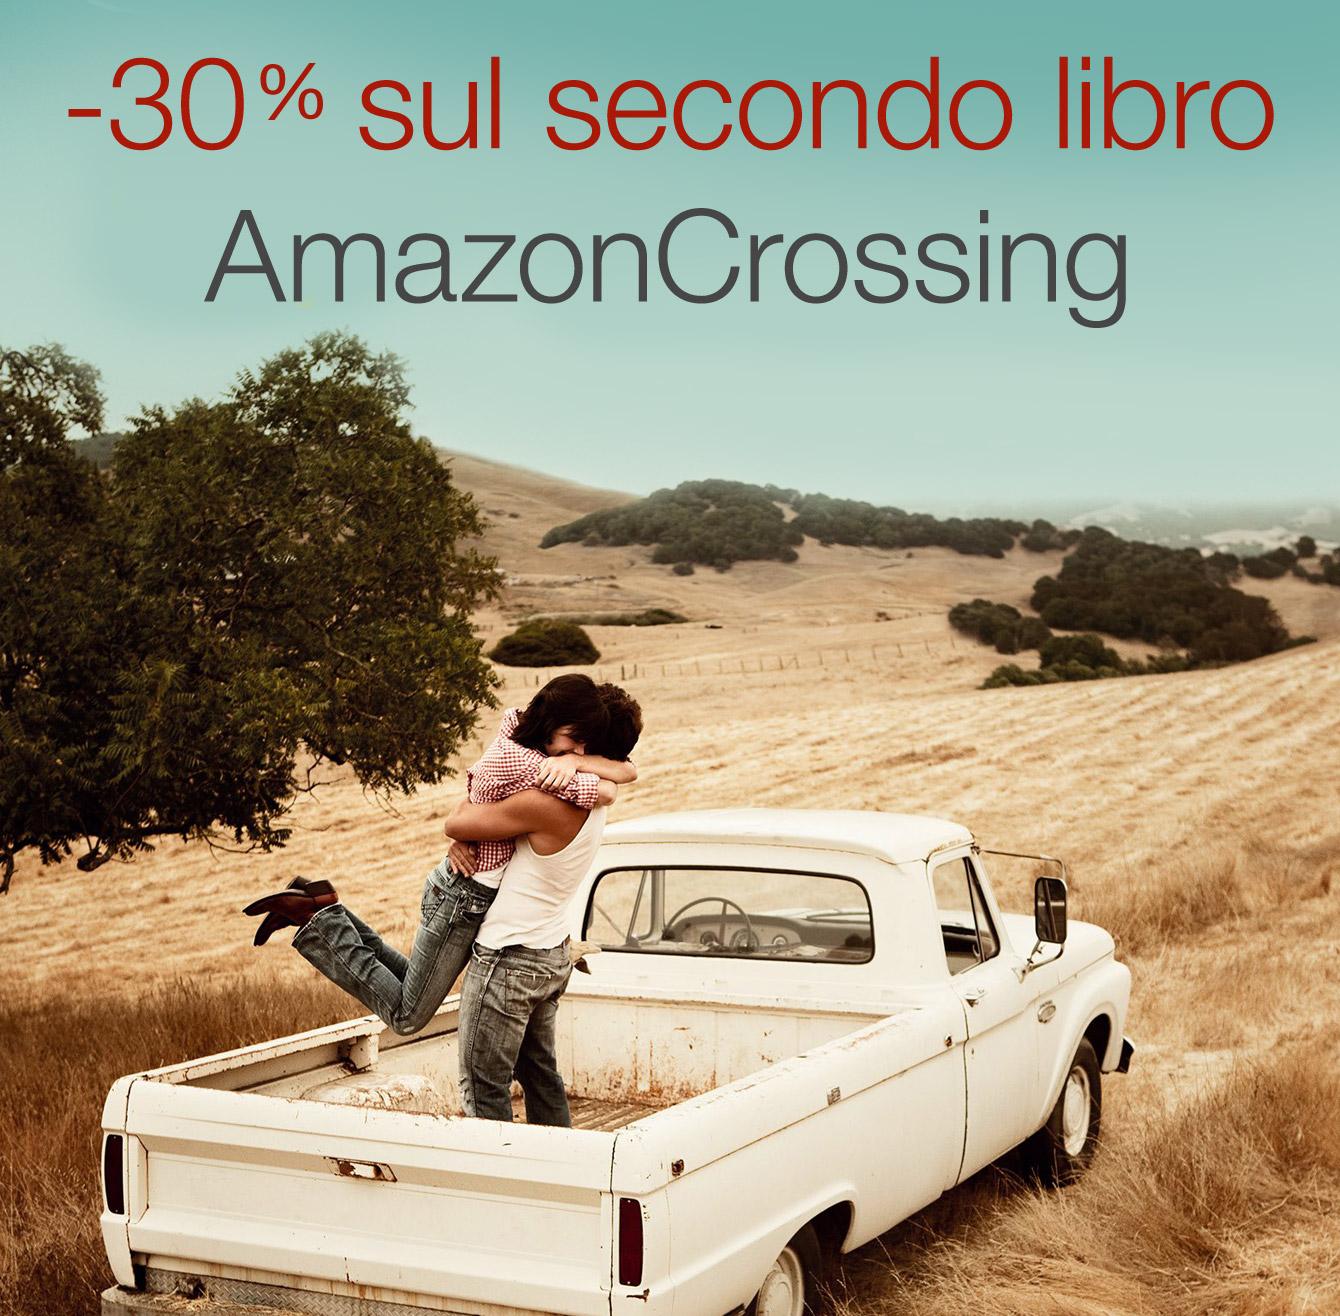 -30% sul secondo libro AmazonCrossing